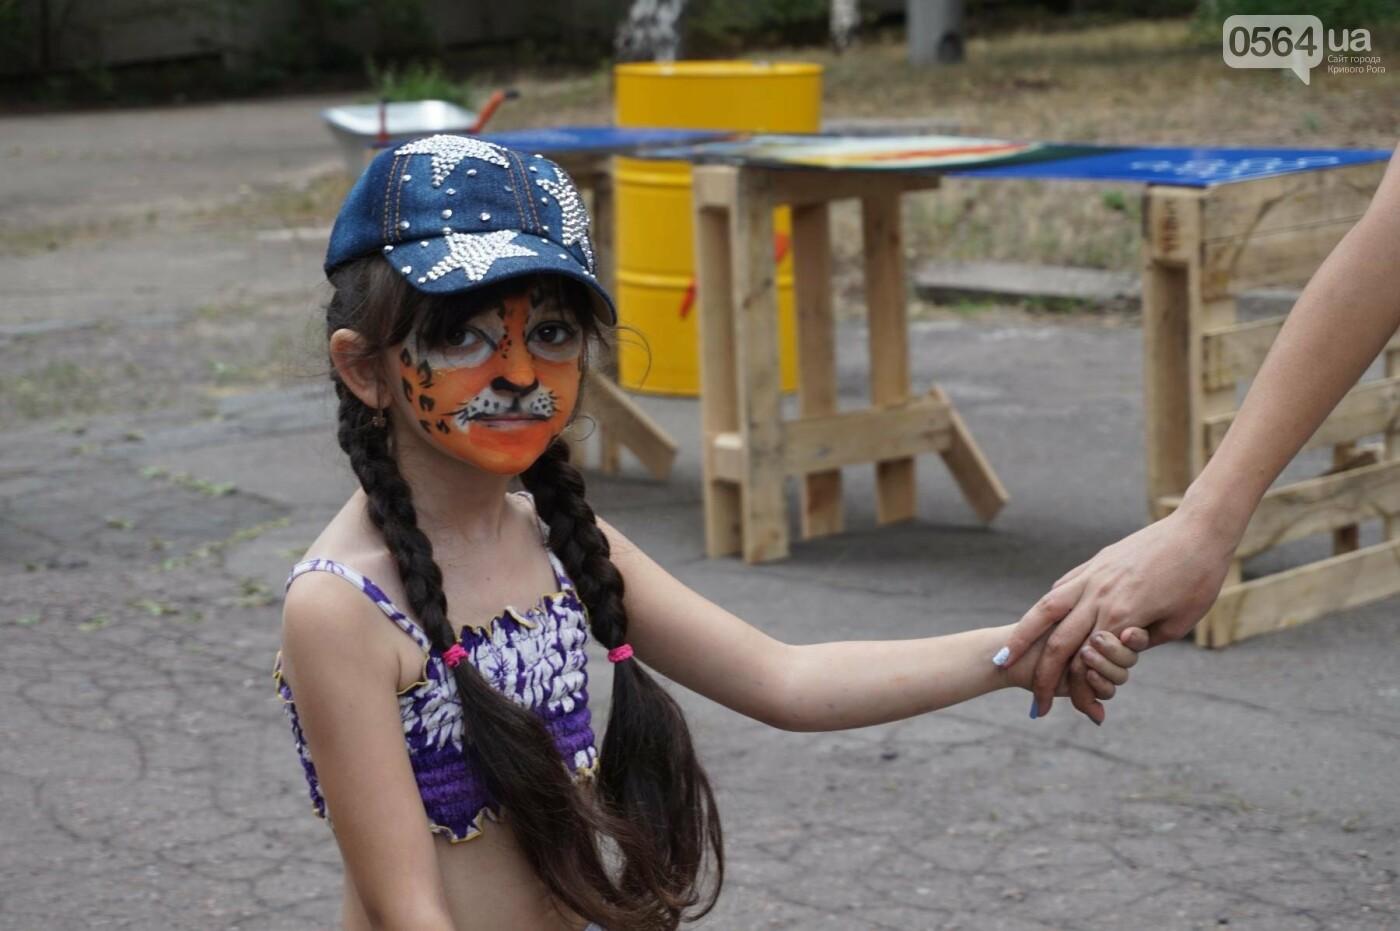 """Криворожане культурно отдыхают на фестивале искусства и еды """"Артишок"""", - ФОТО, ВИДЕО, фото-15"""